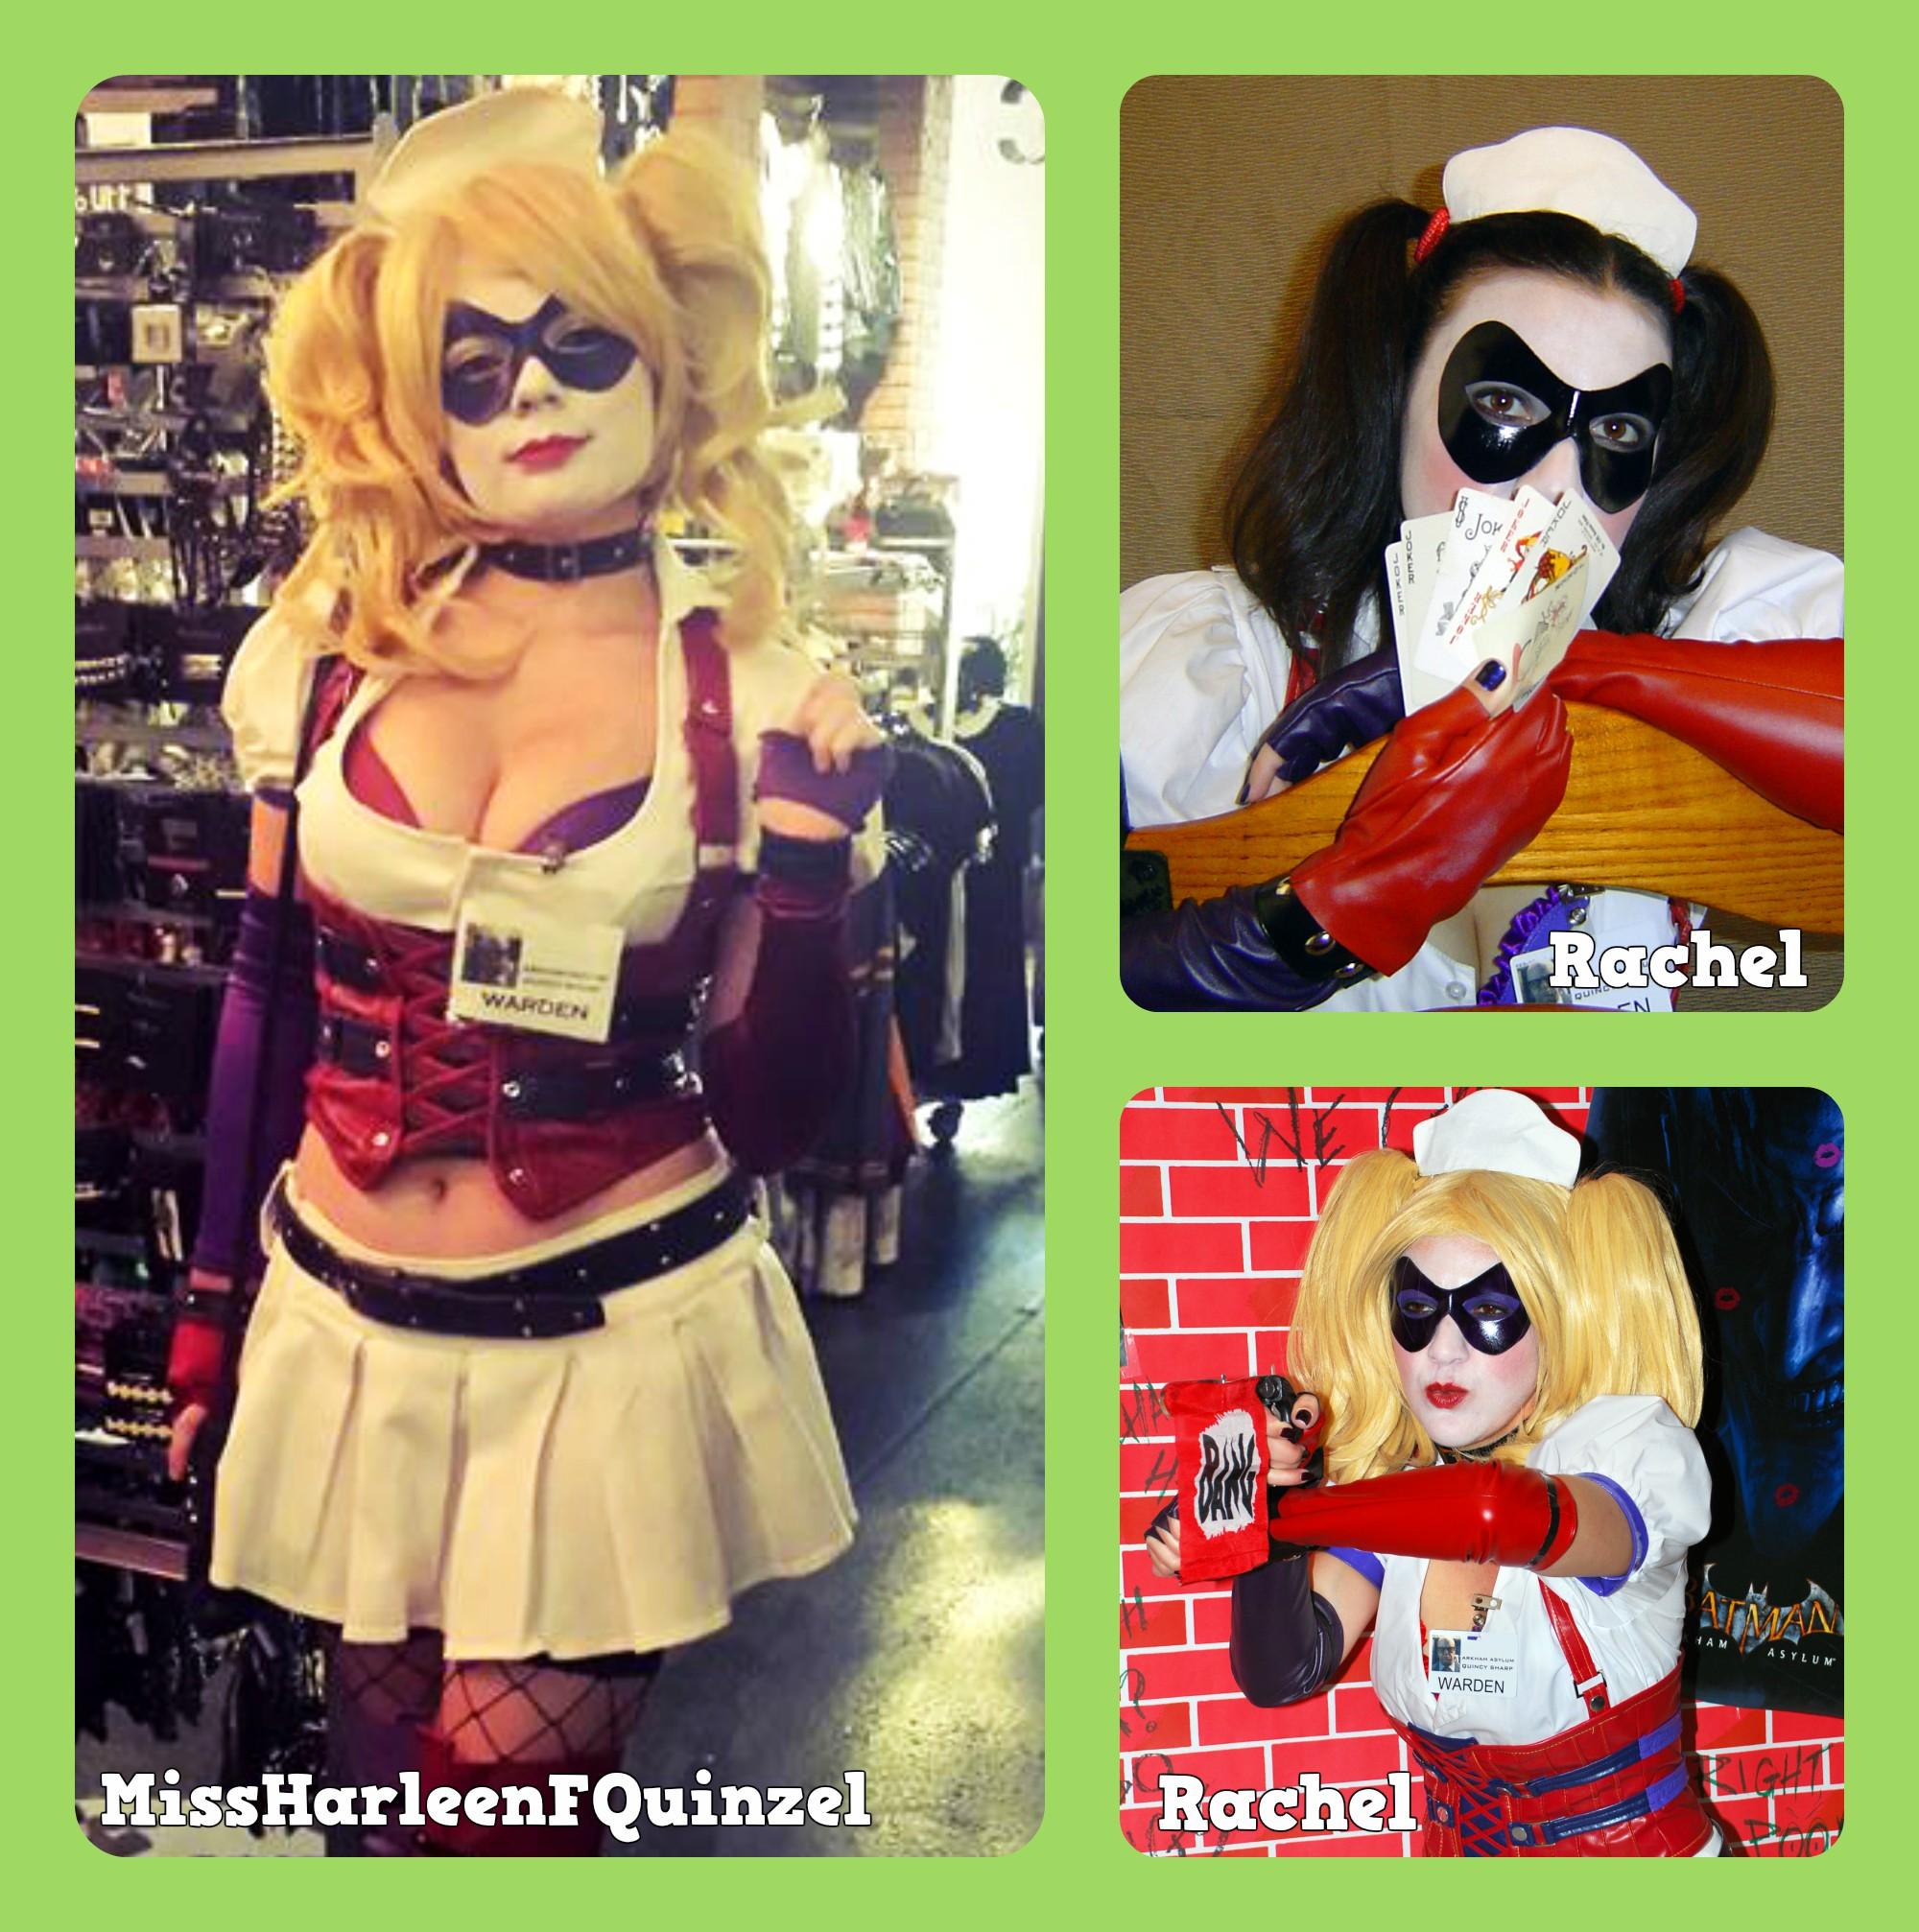 harley-quinn-mask-arkham-asylum-cosplay.jpg